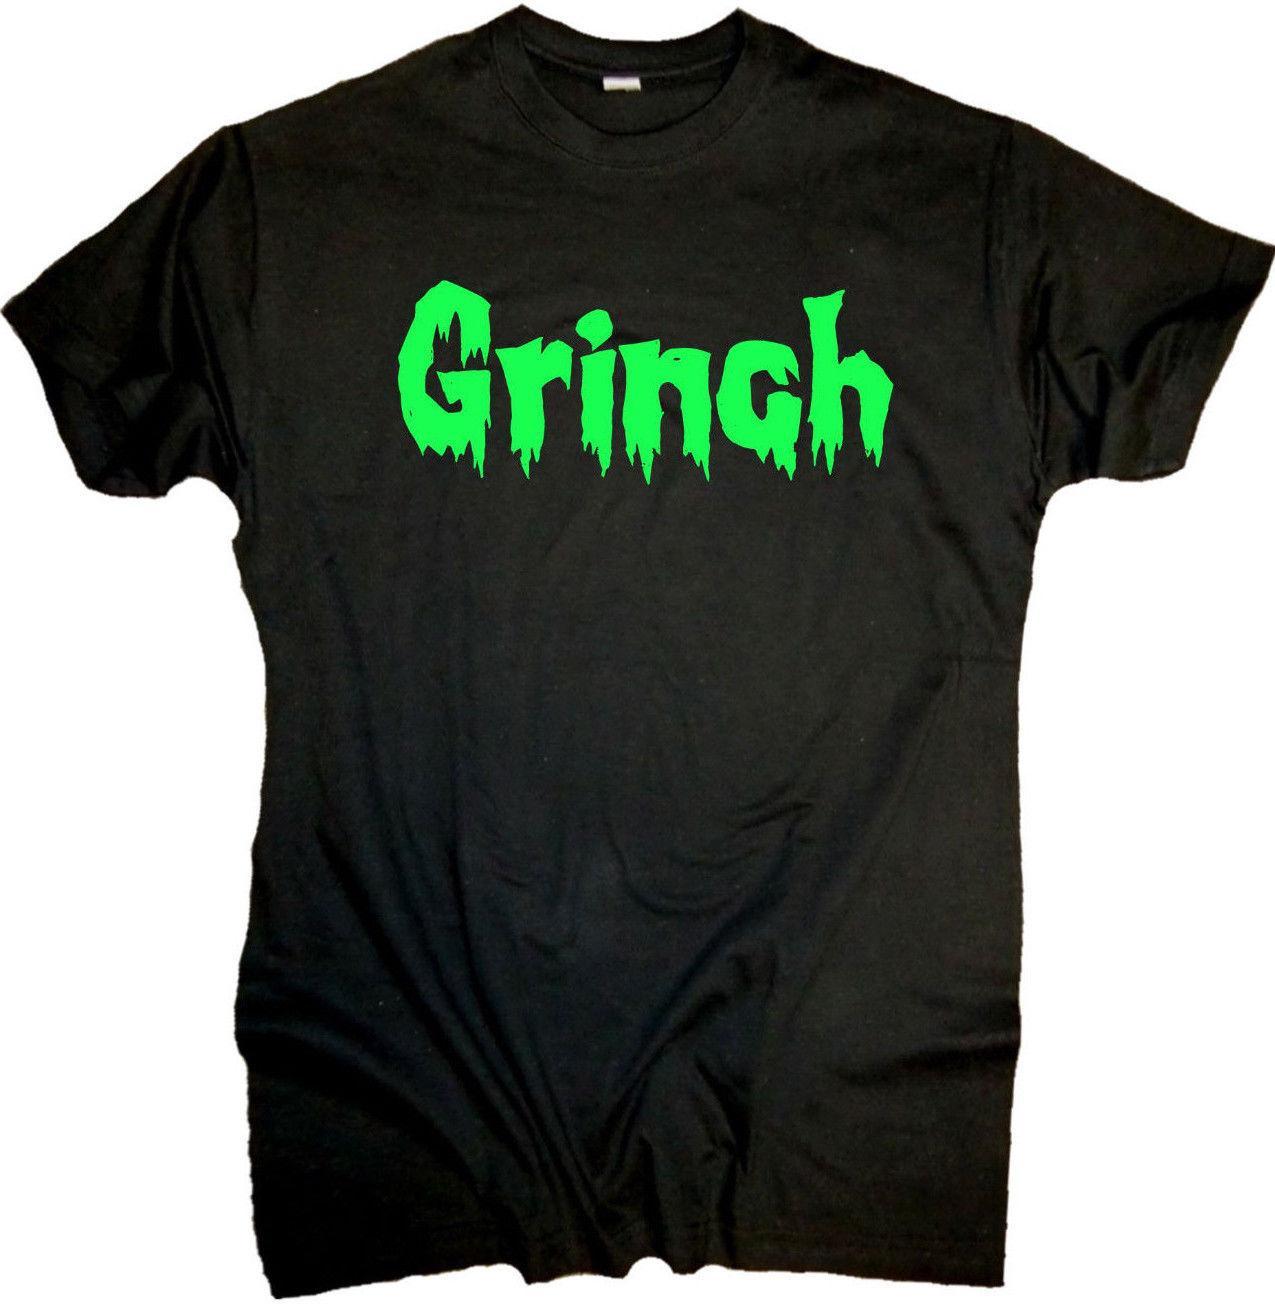 T Shirt Weihnachten.Fun T Shirt Grinch Lustige Sprüche Spruch Spaß Geschenk Weihnachten Party X Mas Funny Free Shipping Unisex Casual Tshirt